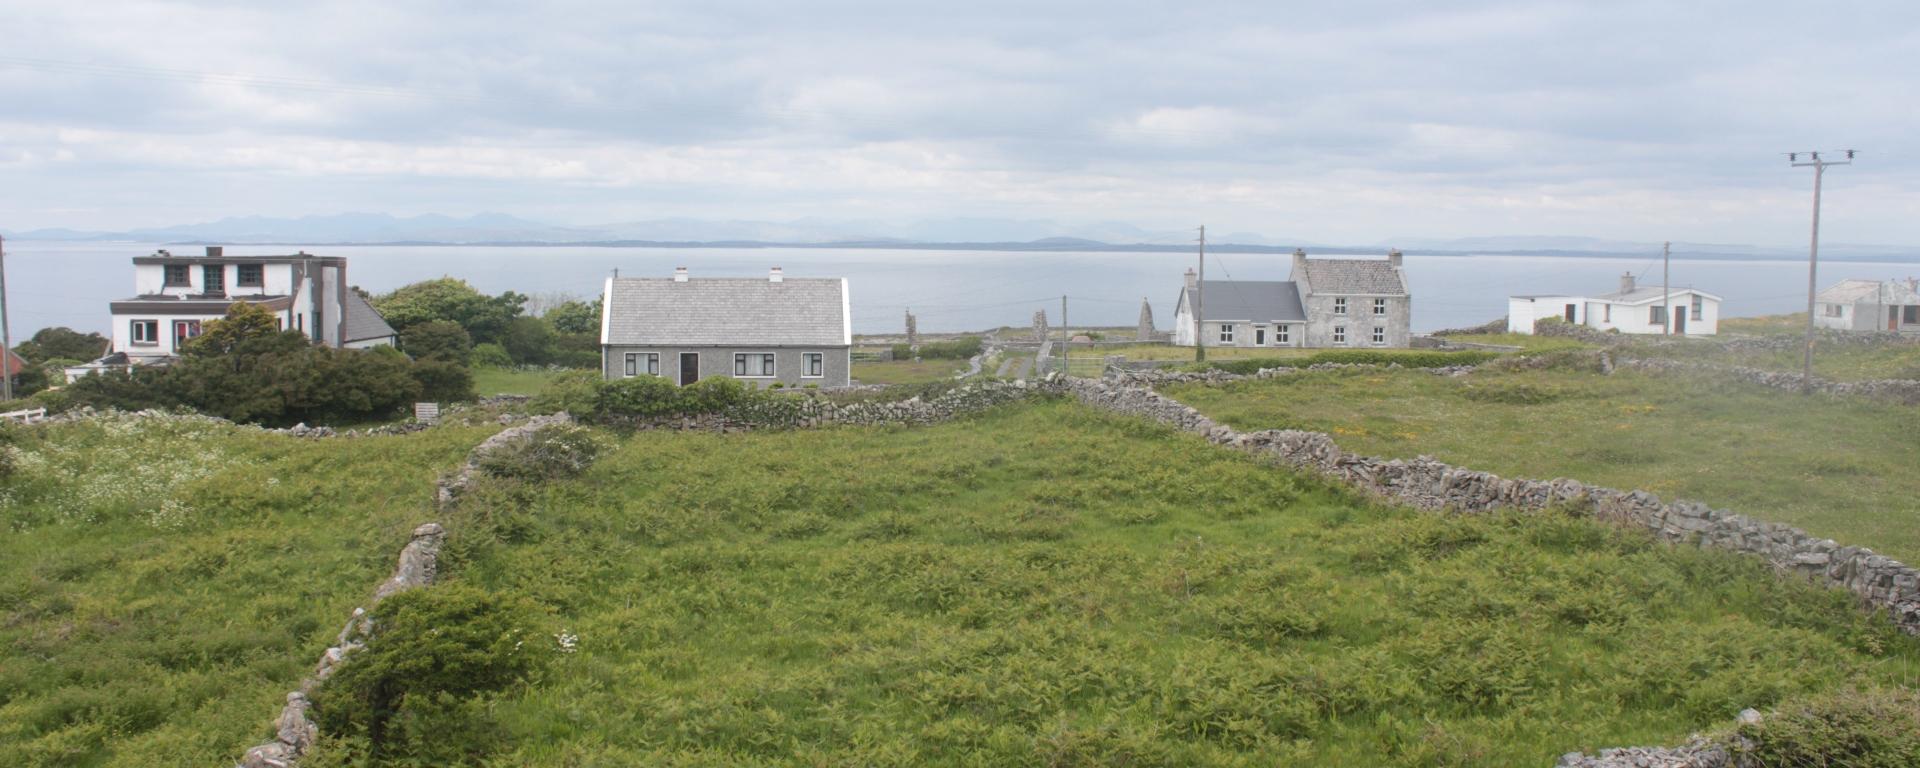 Ireland landscape photography, Landscape Photography Ireland, Aran Islands, Inishmore, Ireland